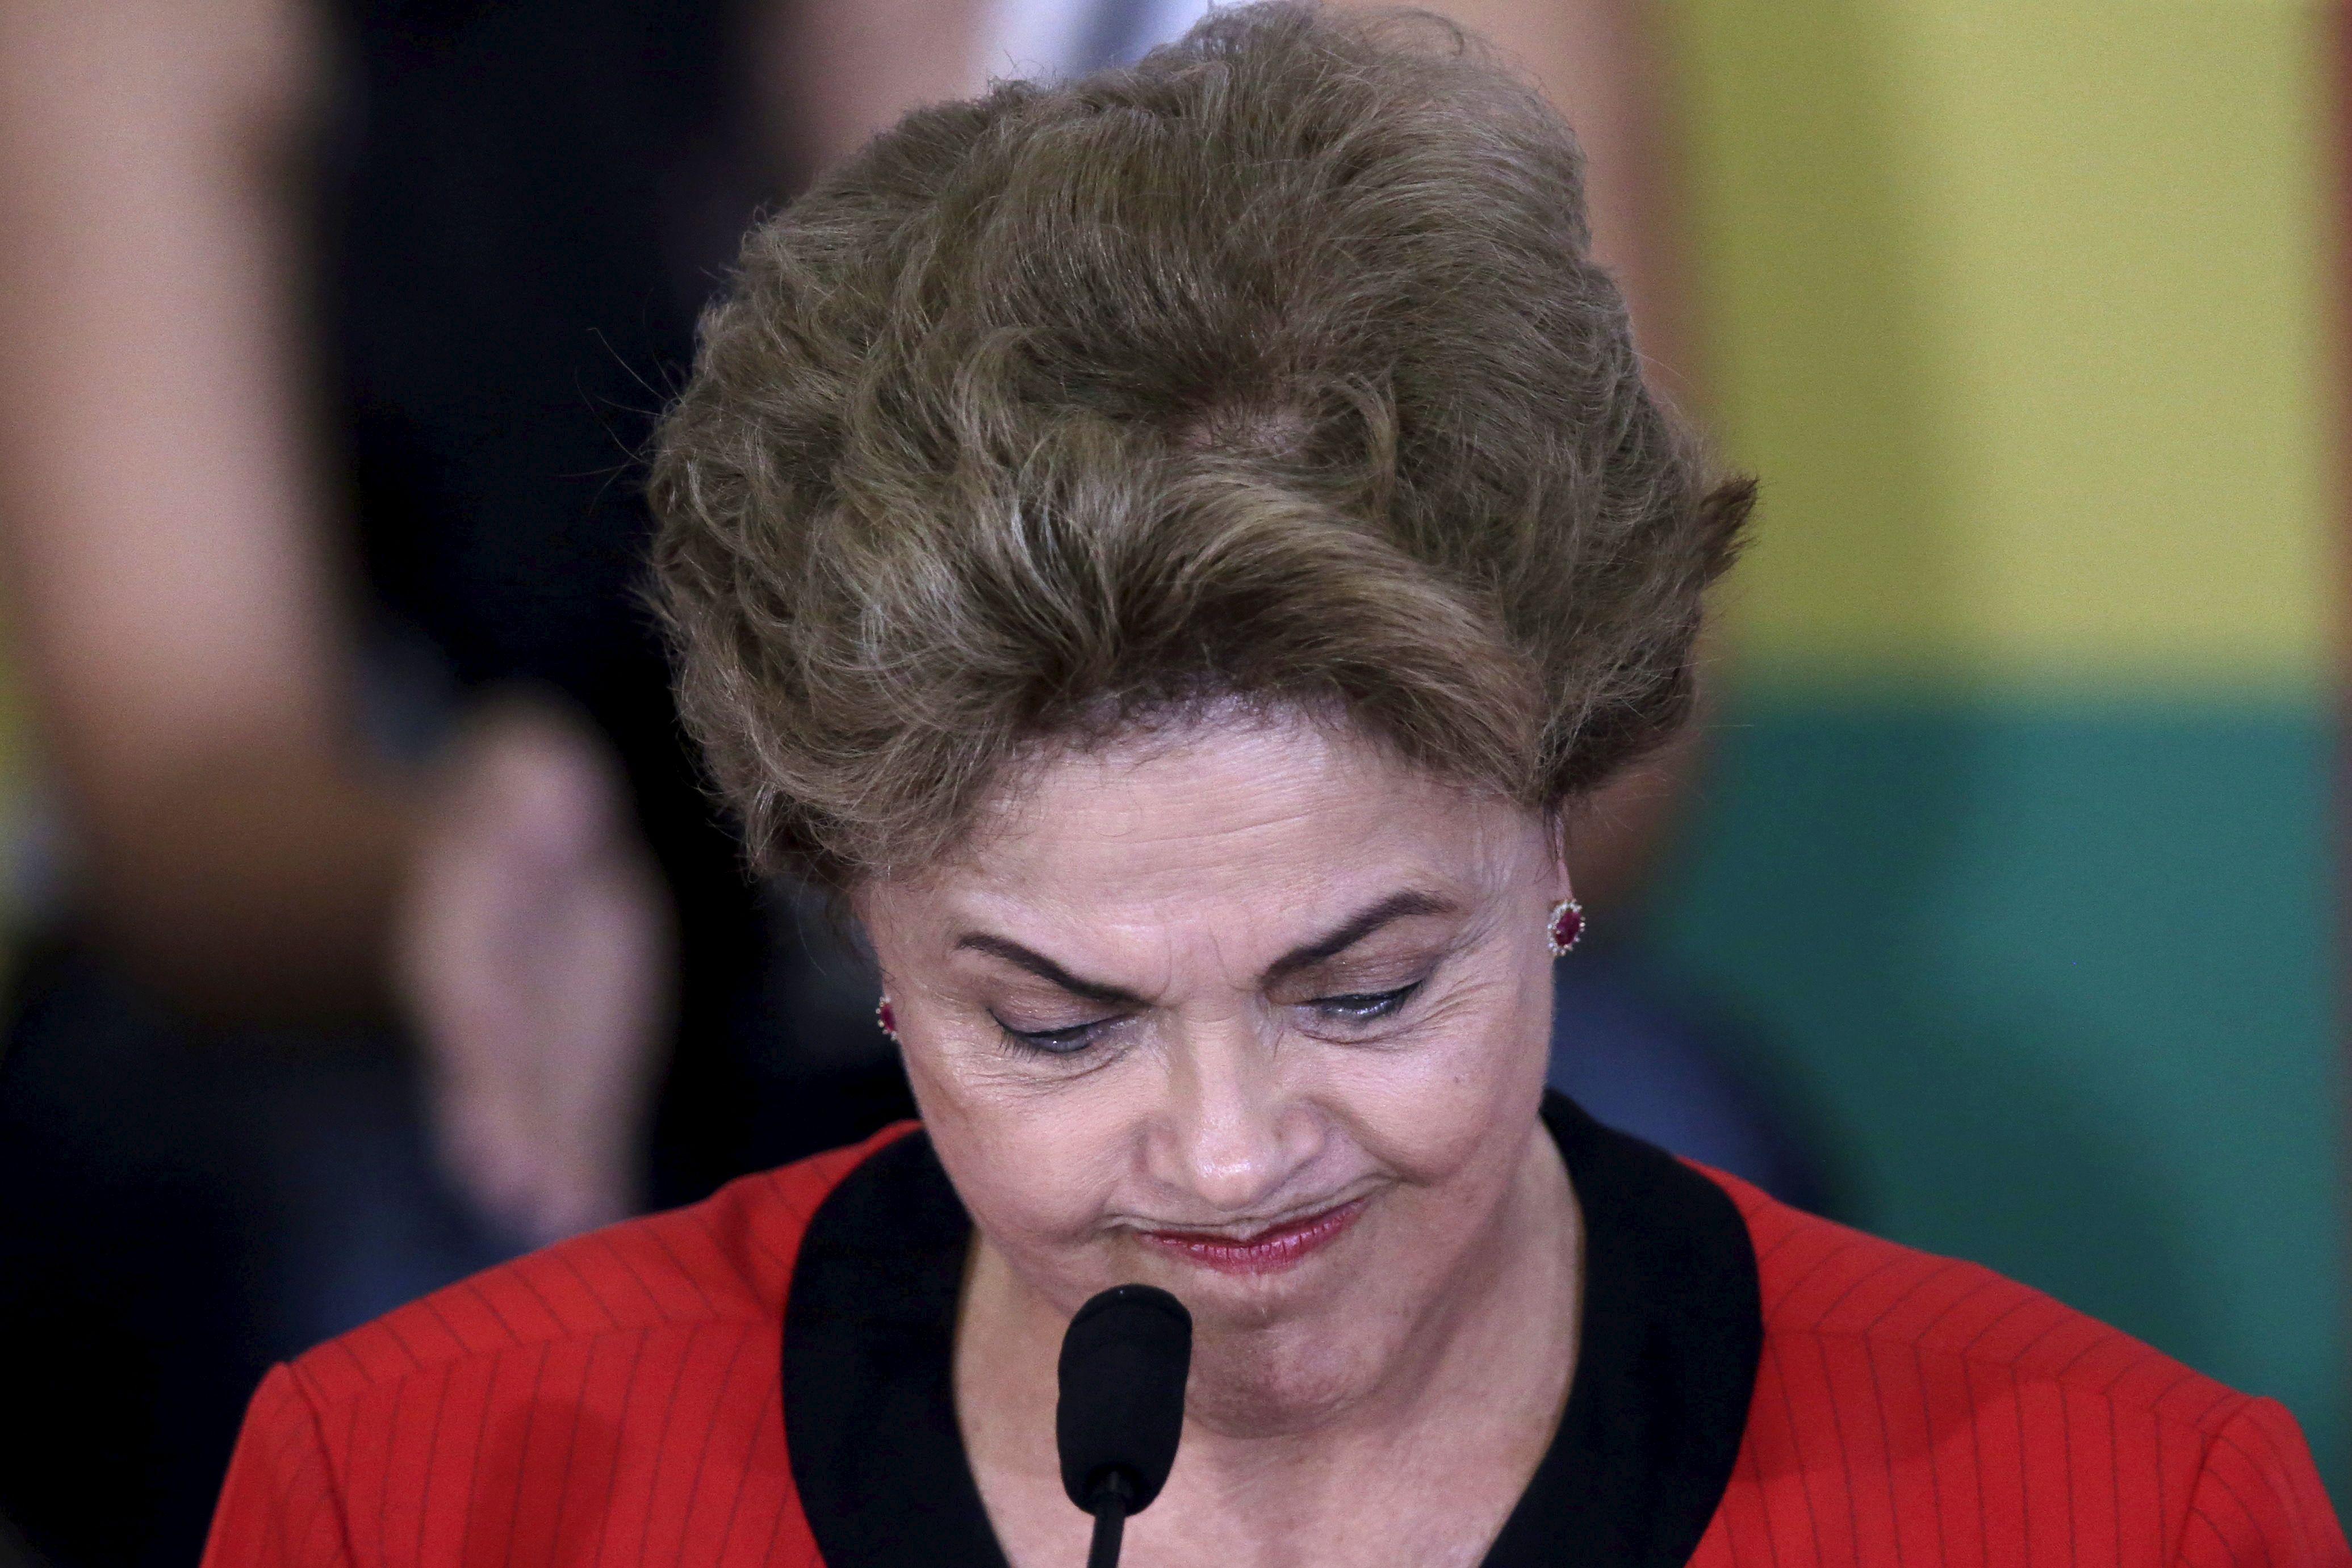 Brésil : Dilma Rousseff définitivement destituée de la présidence